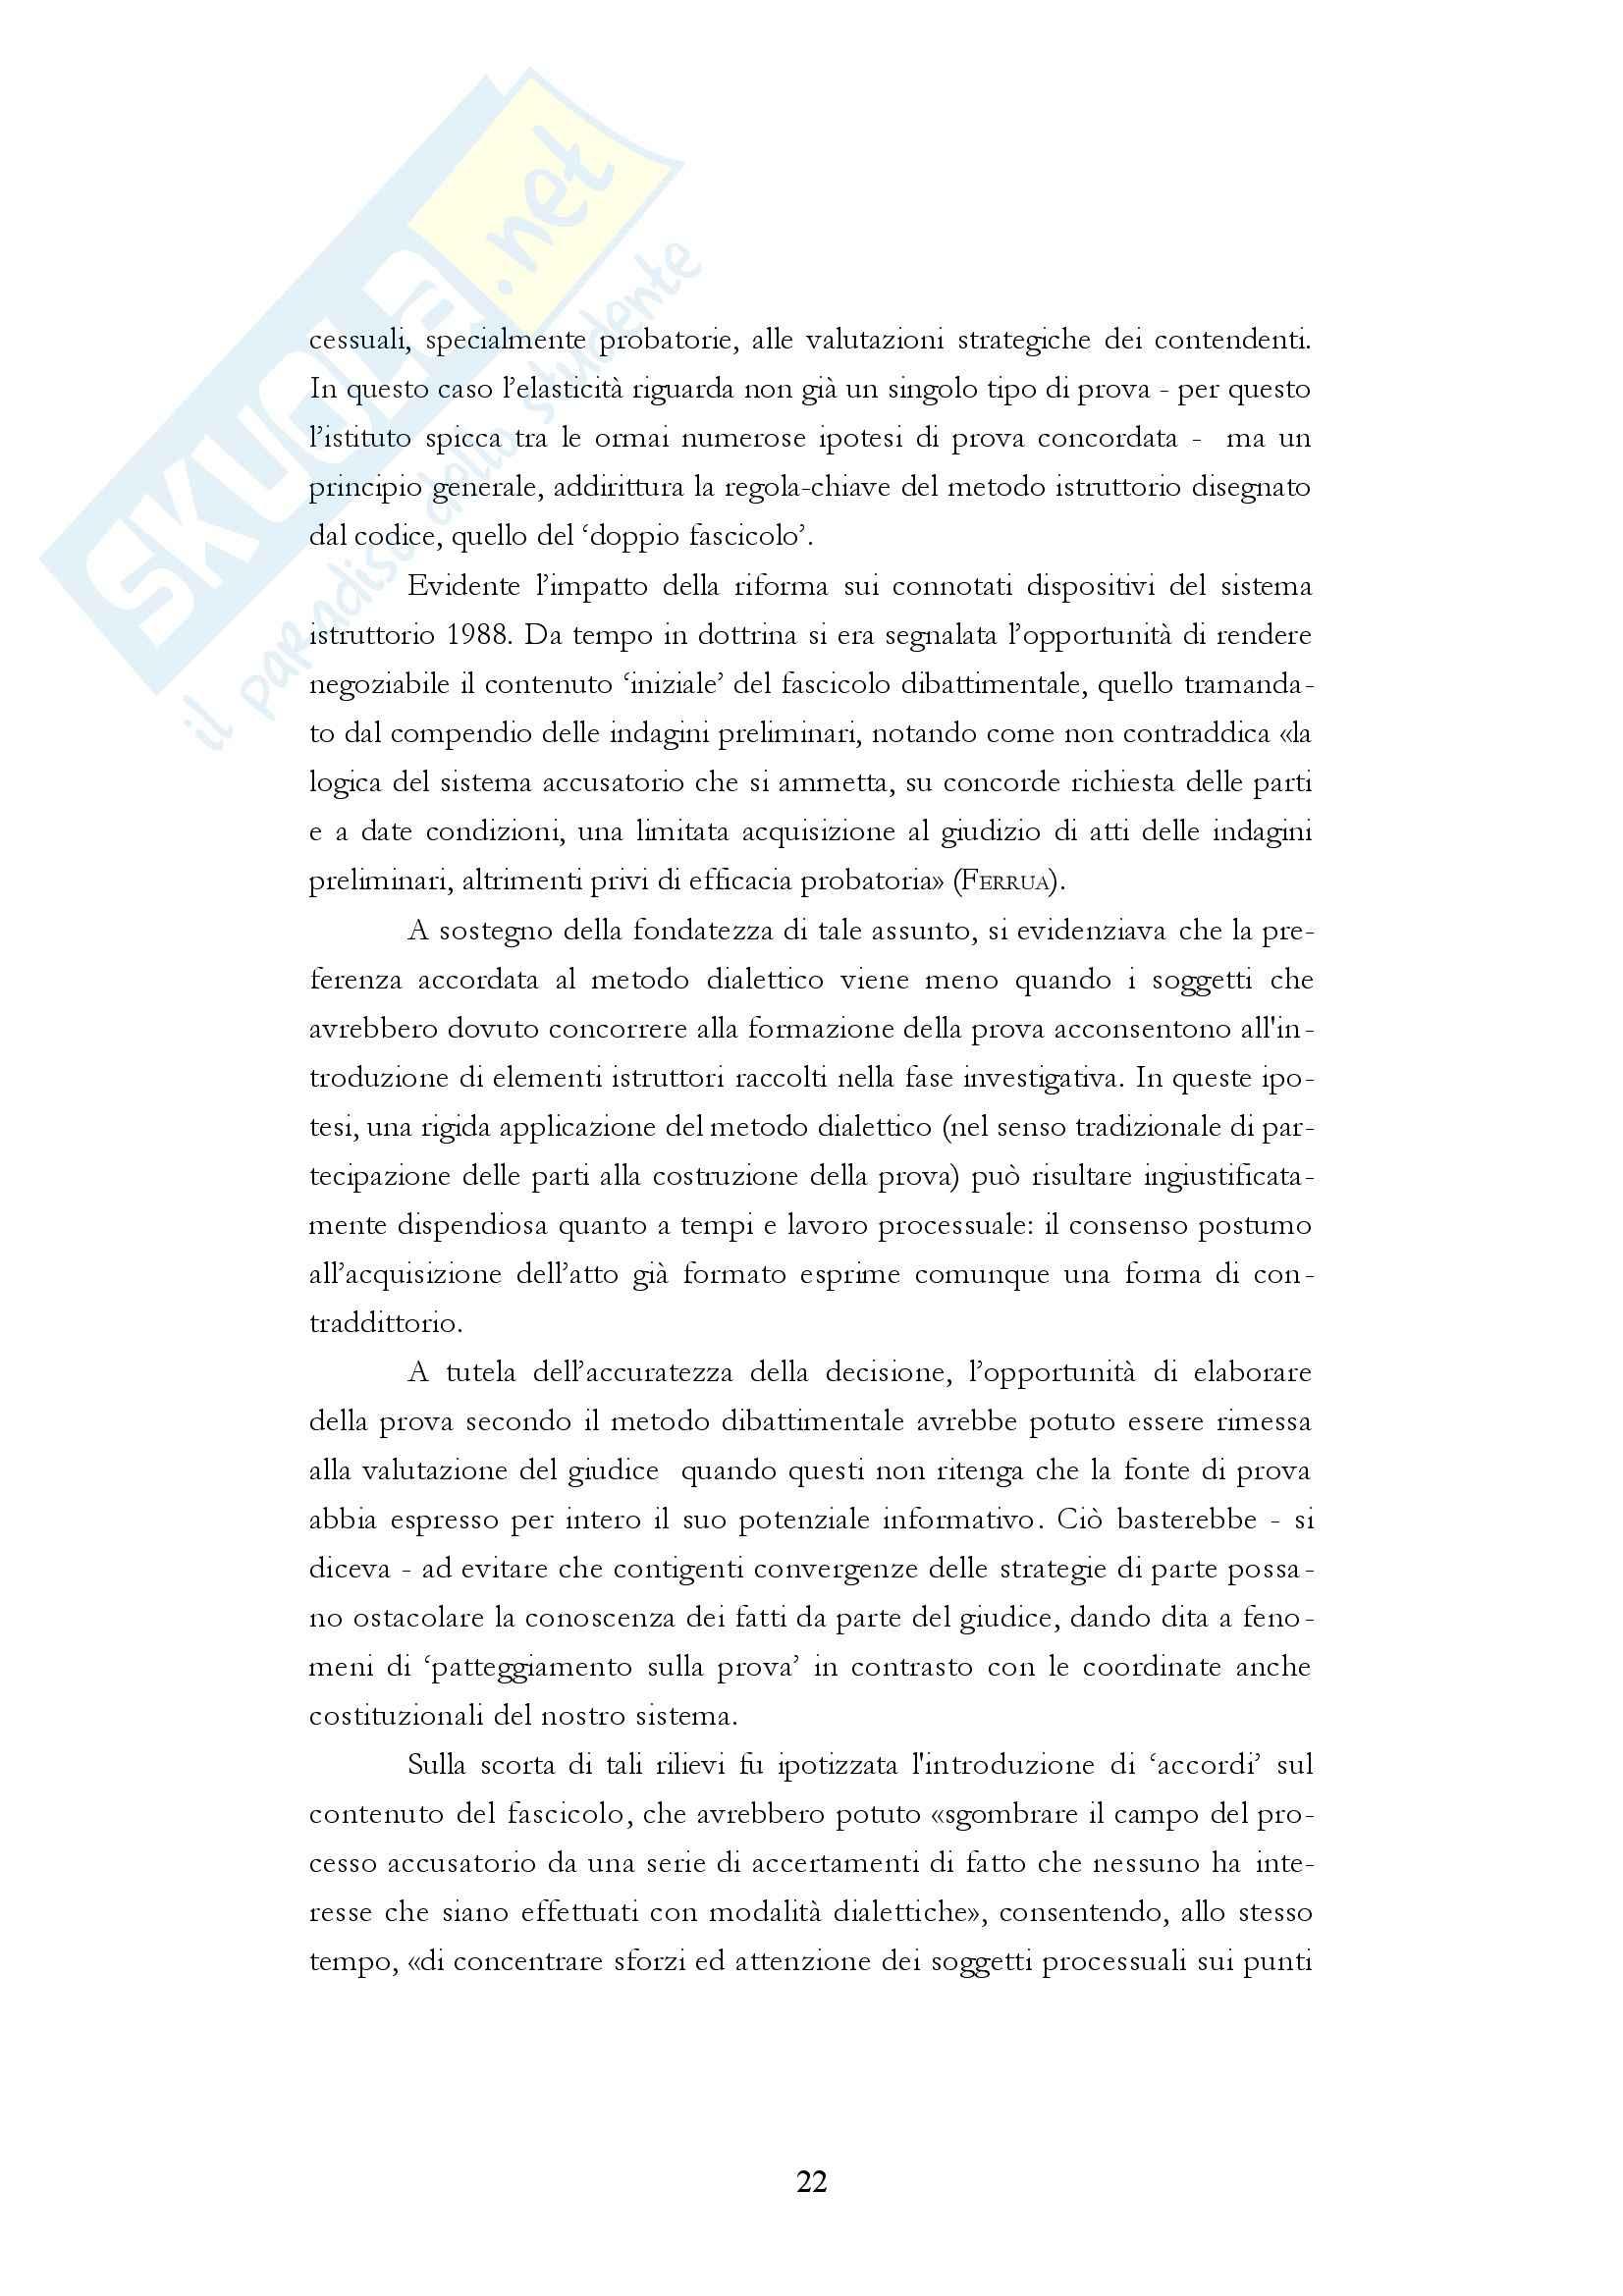 Diritto processuale penale - i fascicoli del processo penale Pag. 21